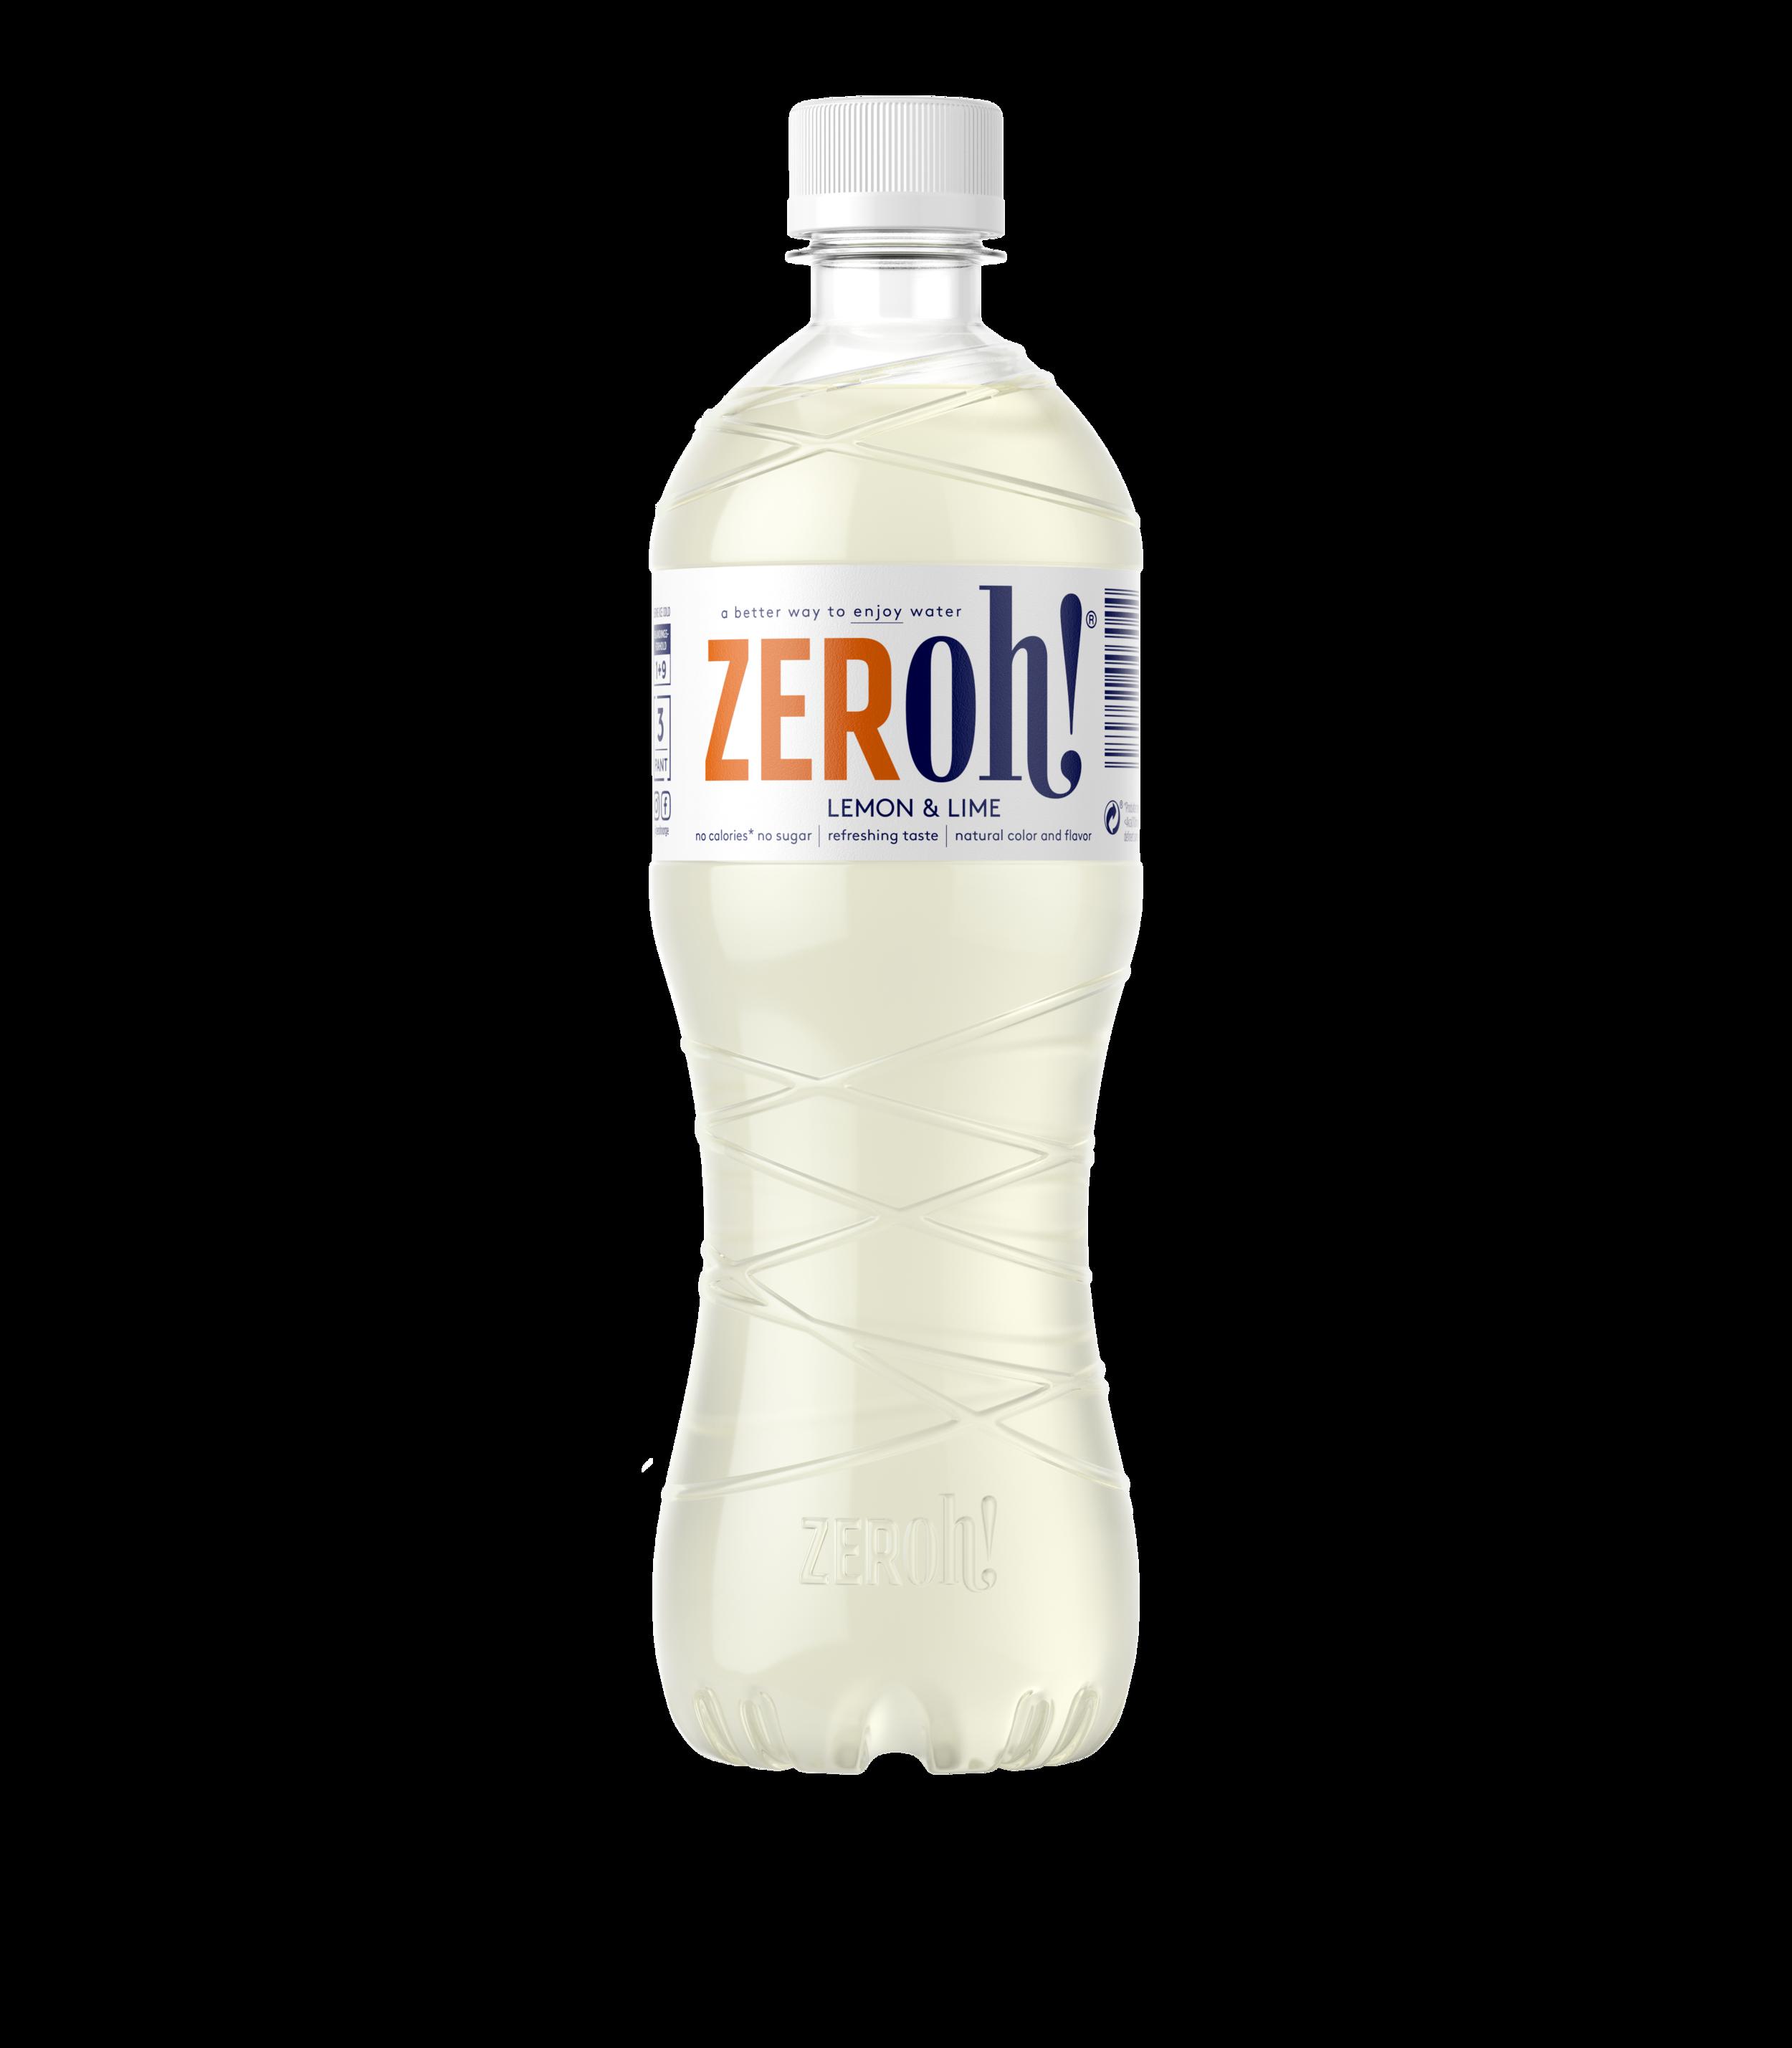 ZERoh! Lemon & Lime 2019 3D transparent.png